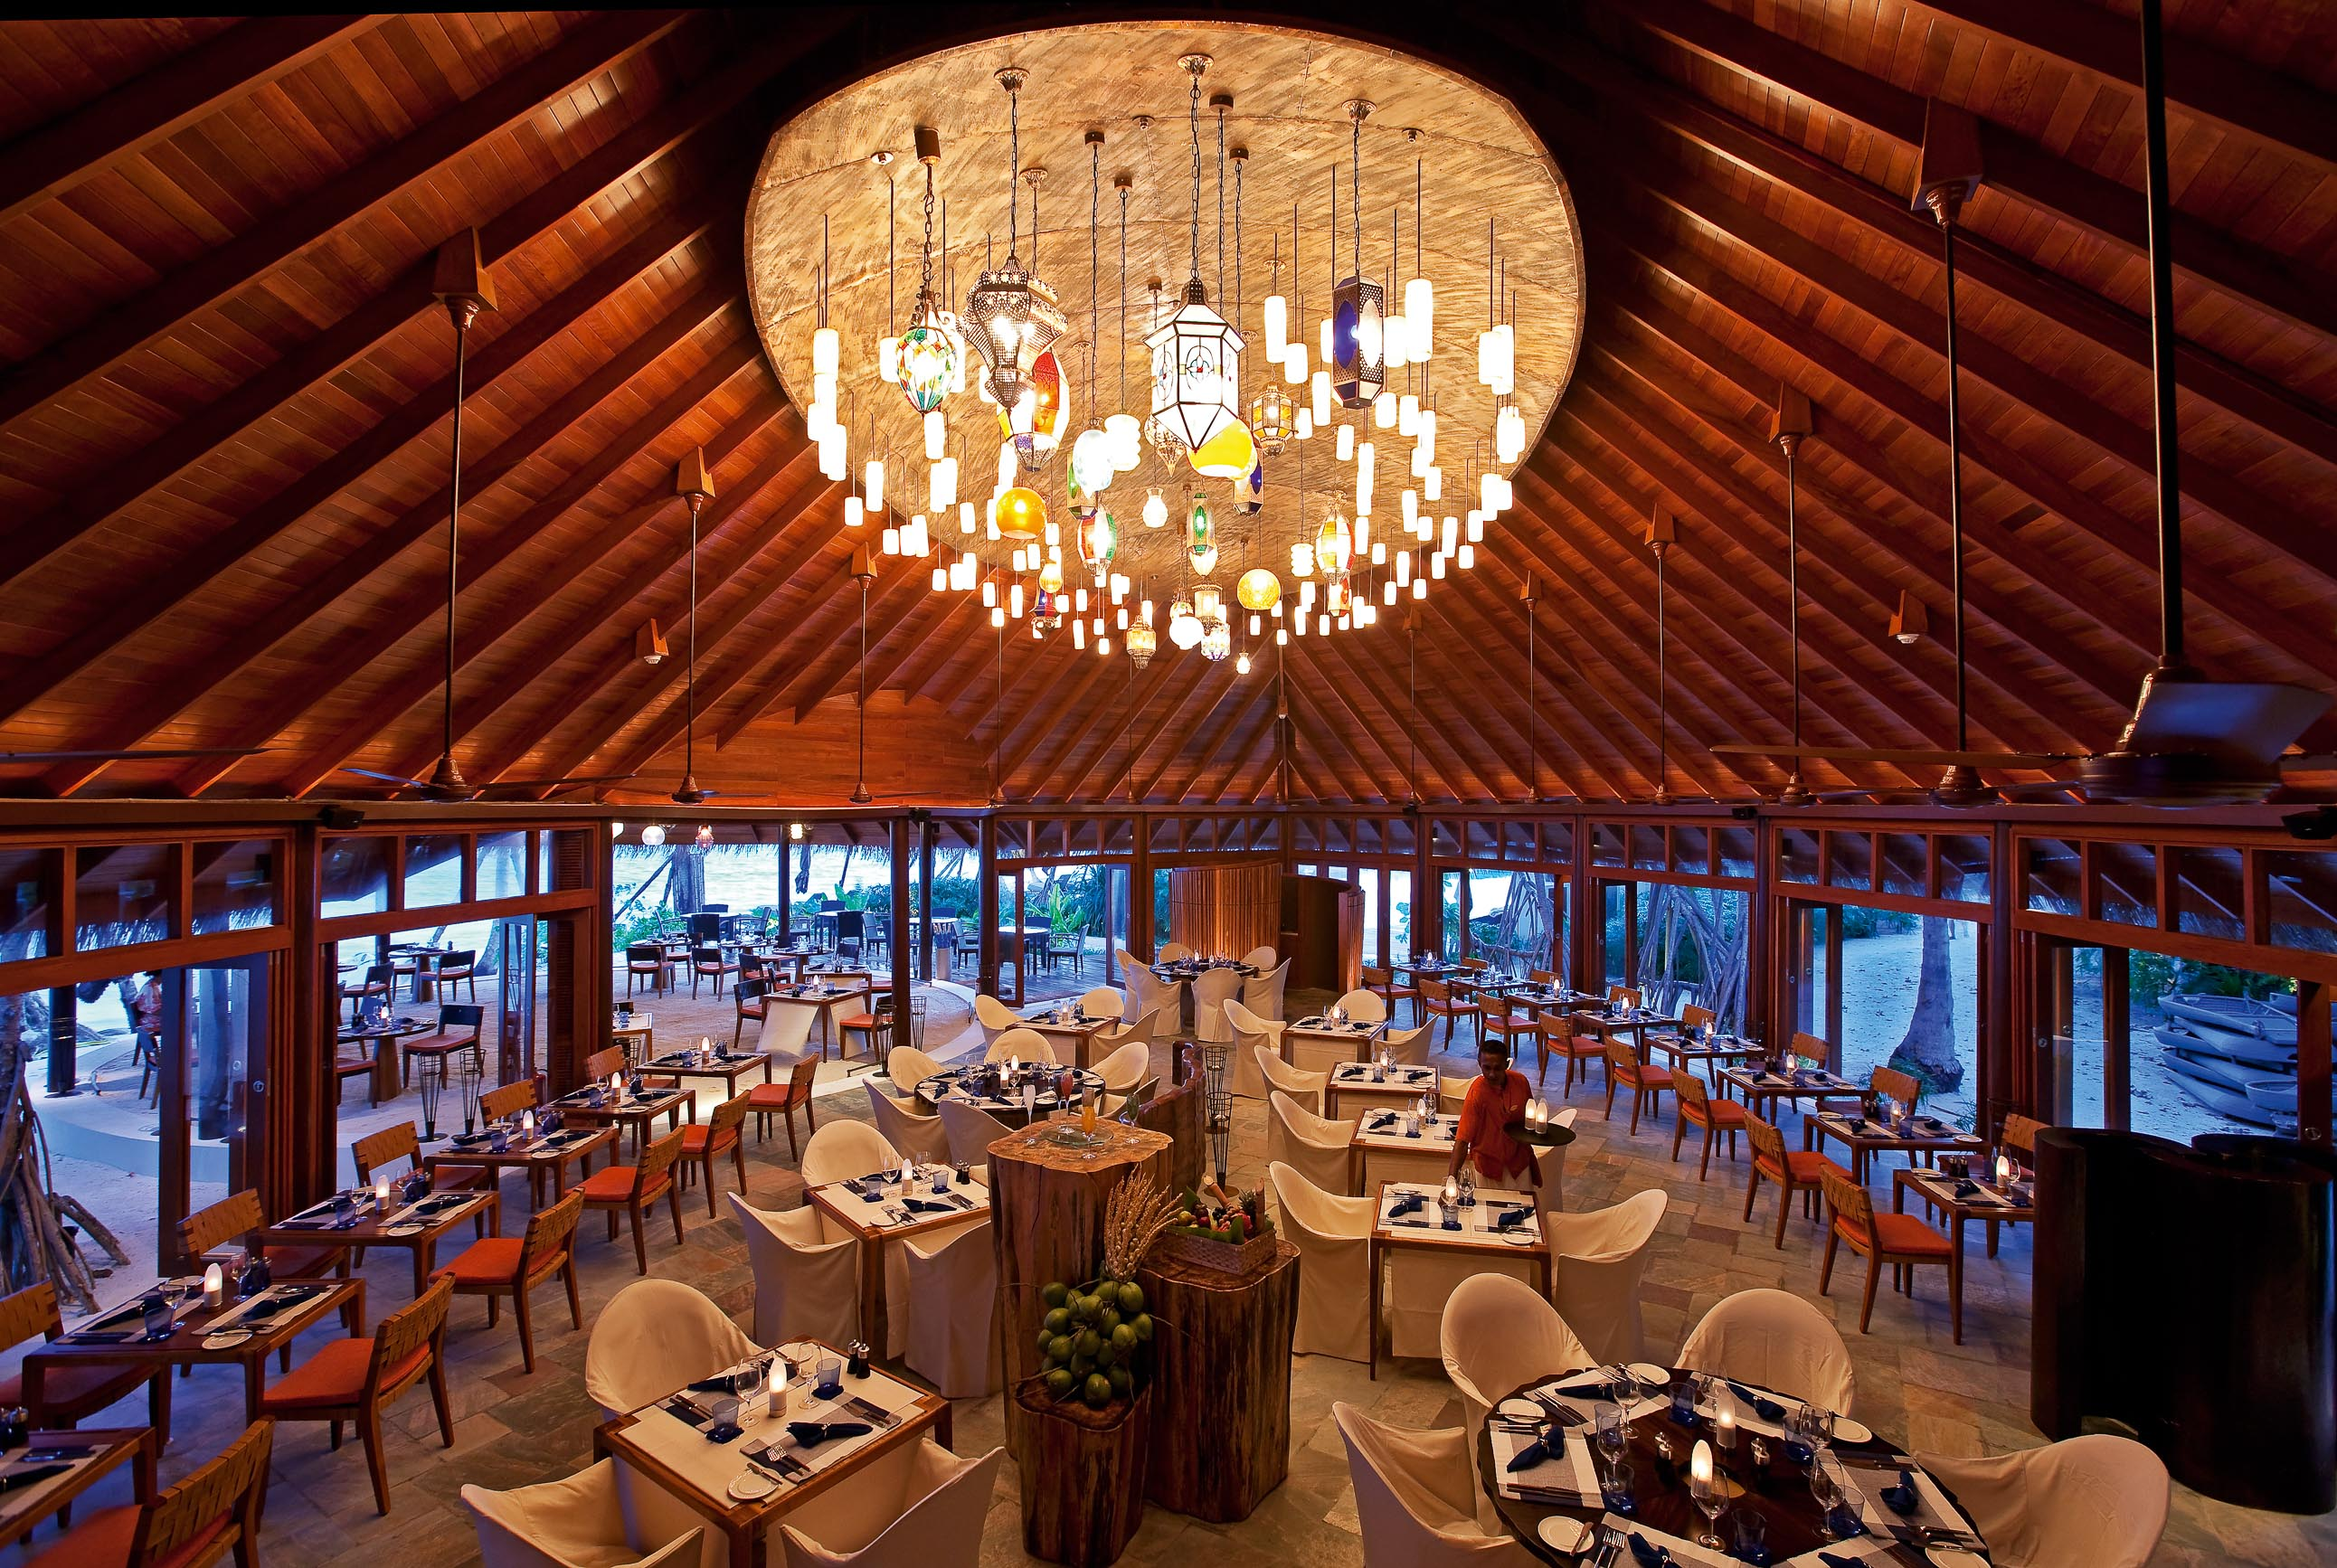 https://bubo.sk/uploads/galleries/16372/halaveli-maldives-jahaz-restaurant-1_hd-34.jpg